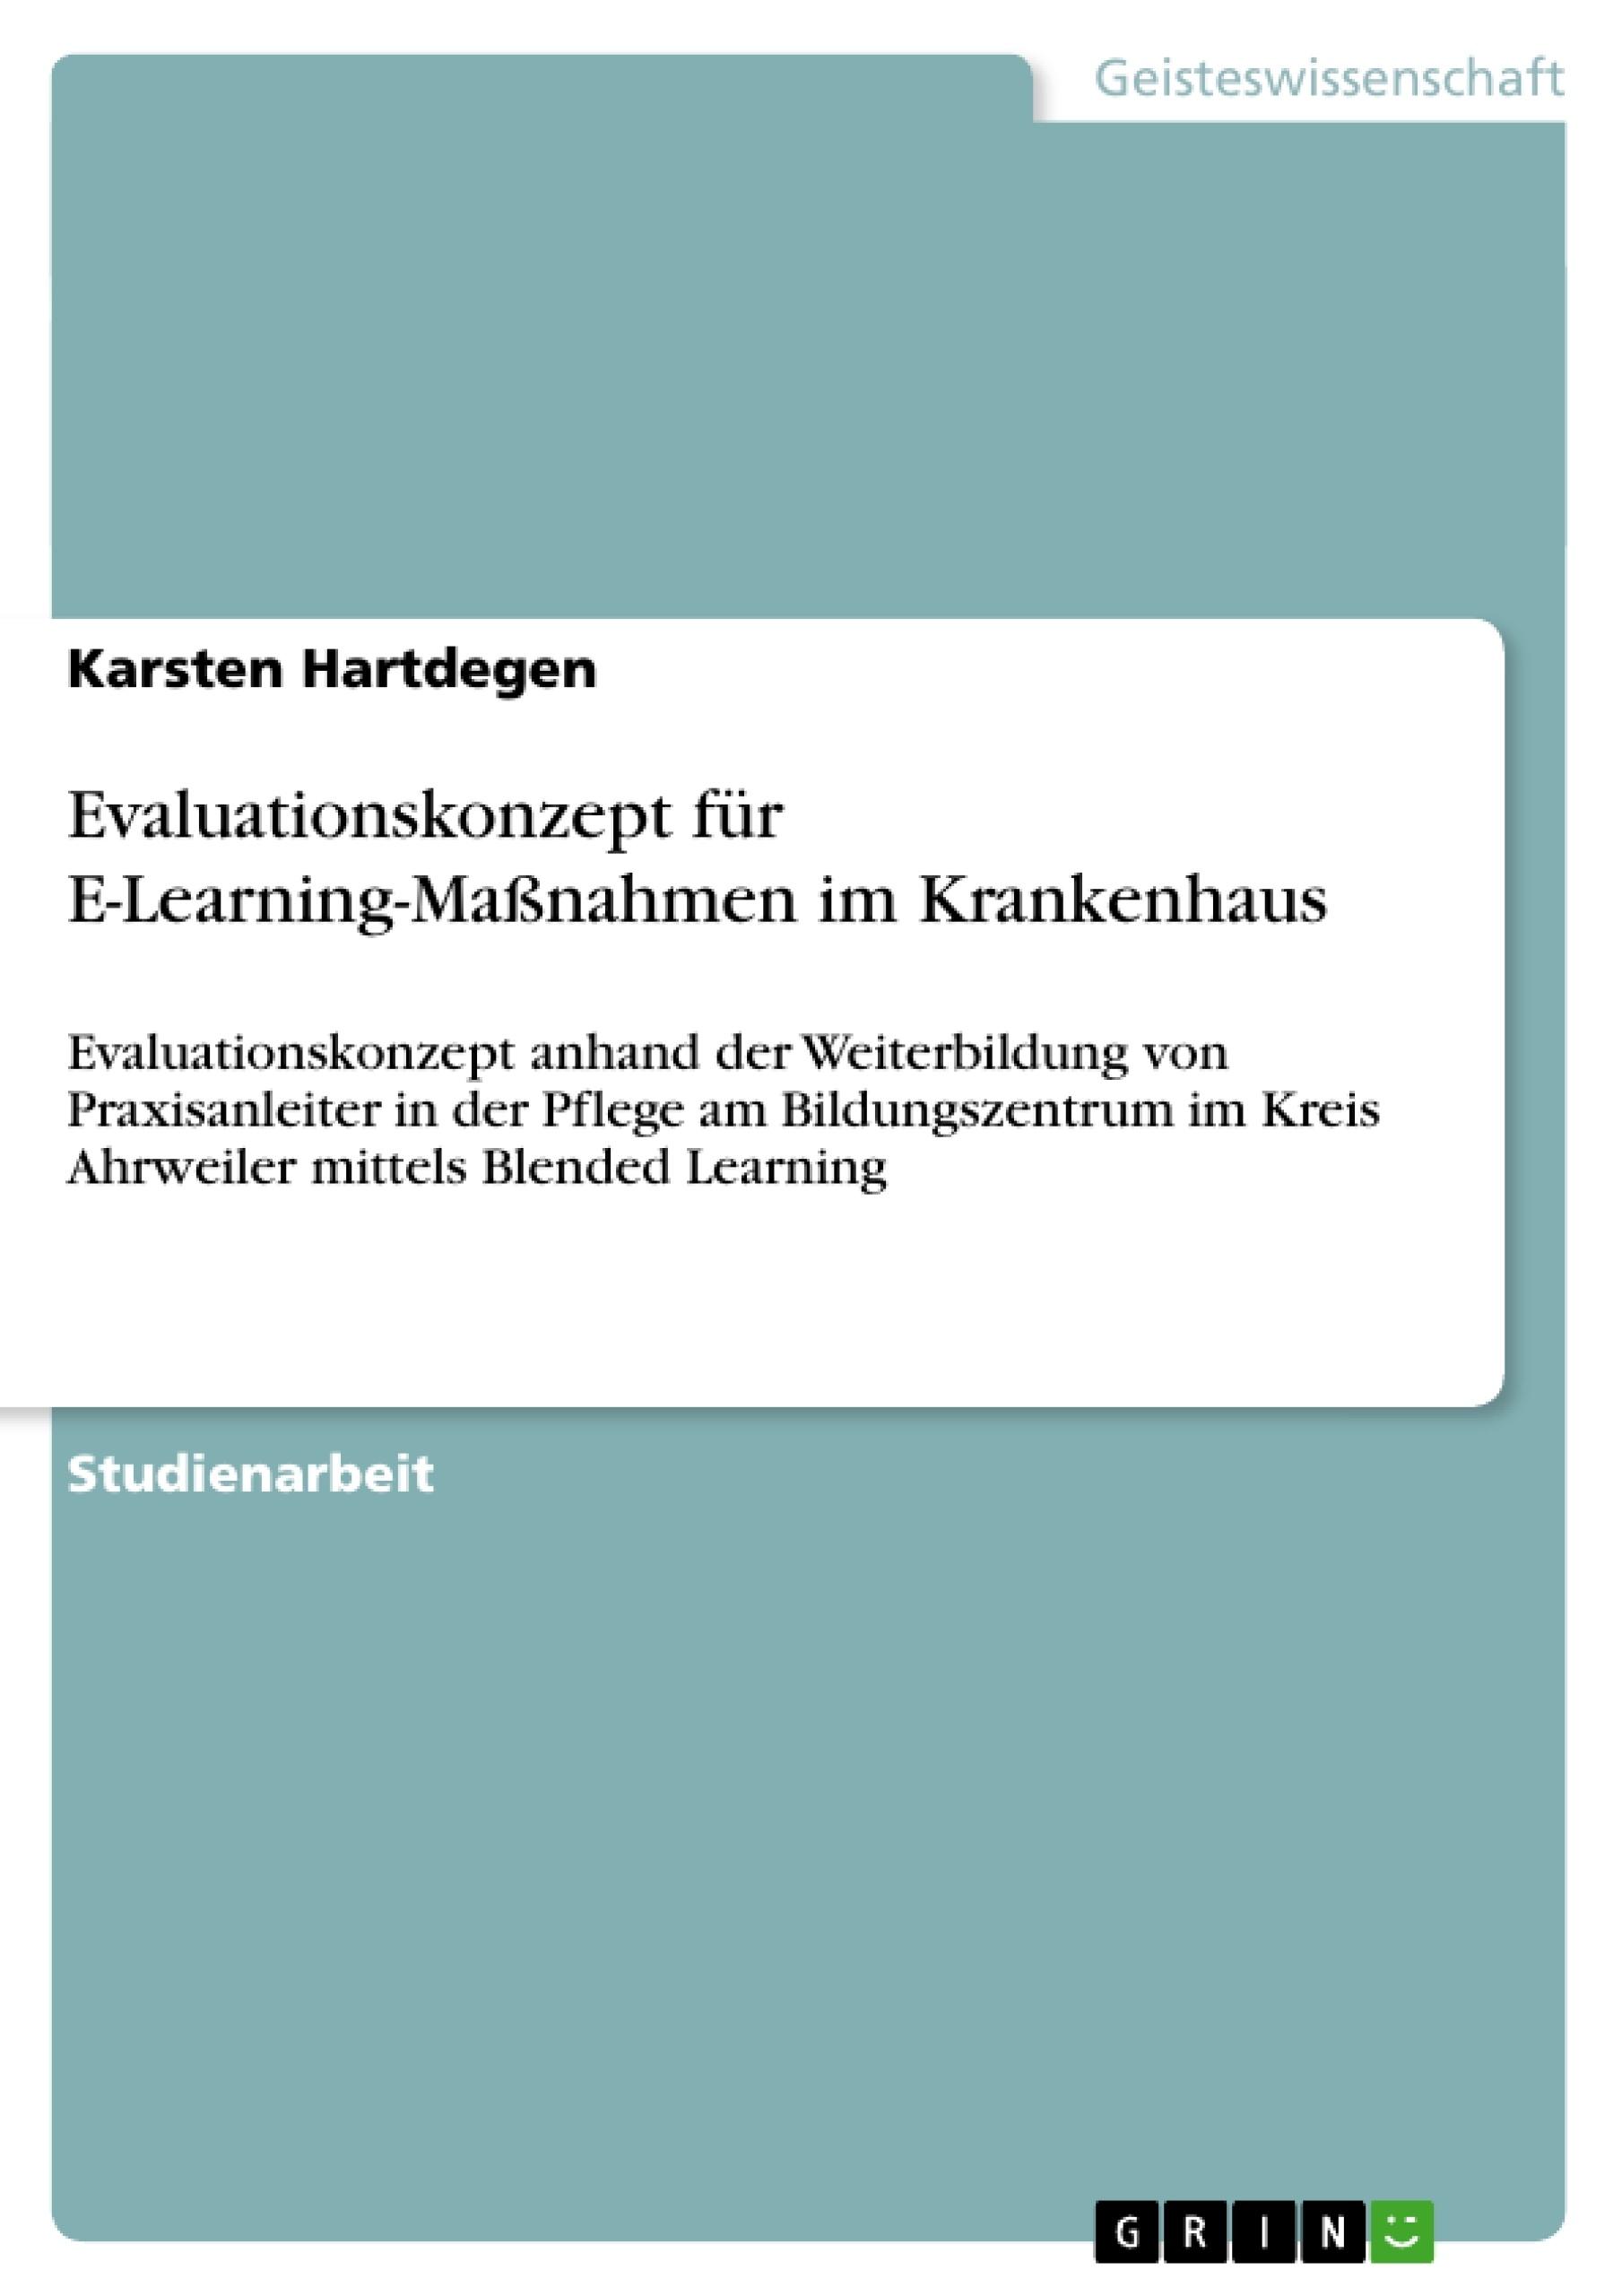 Titel: Evaluationskonzept für E-Learning-Maßnahmen im Krankenhaus